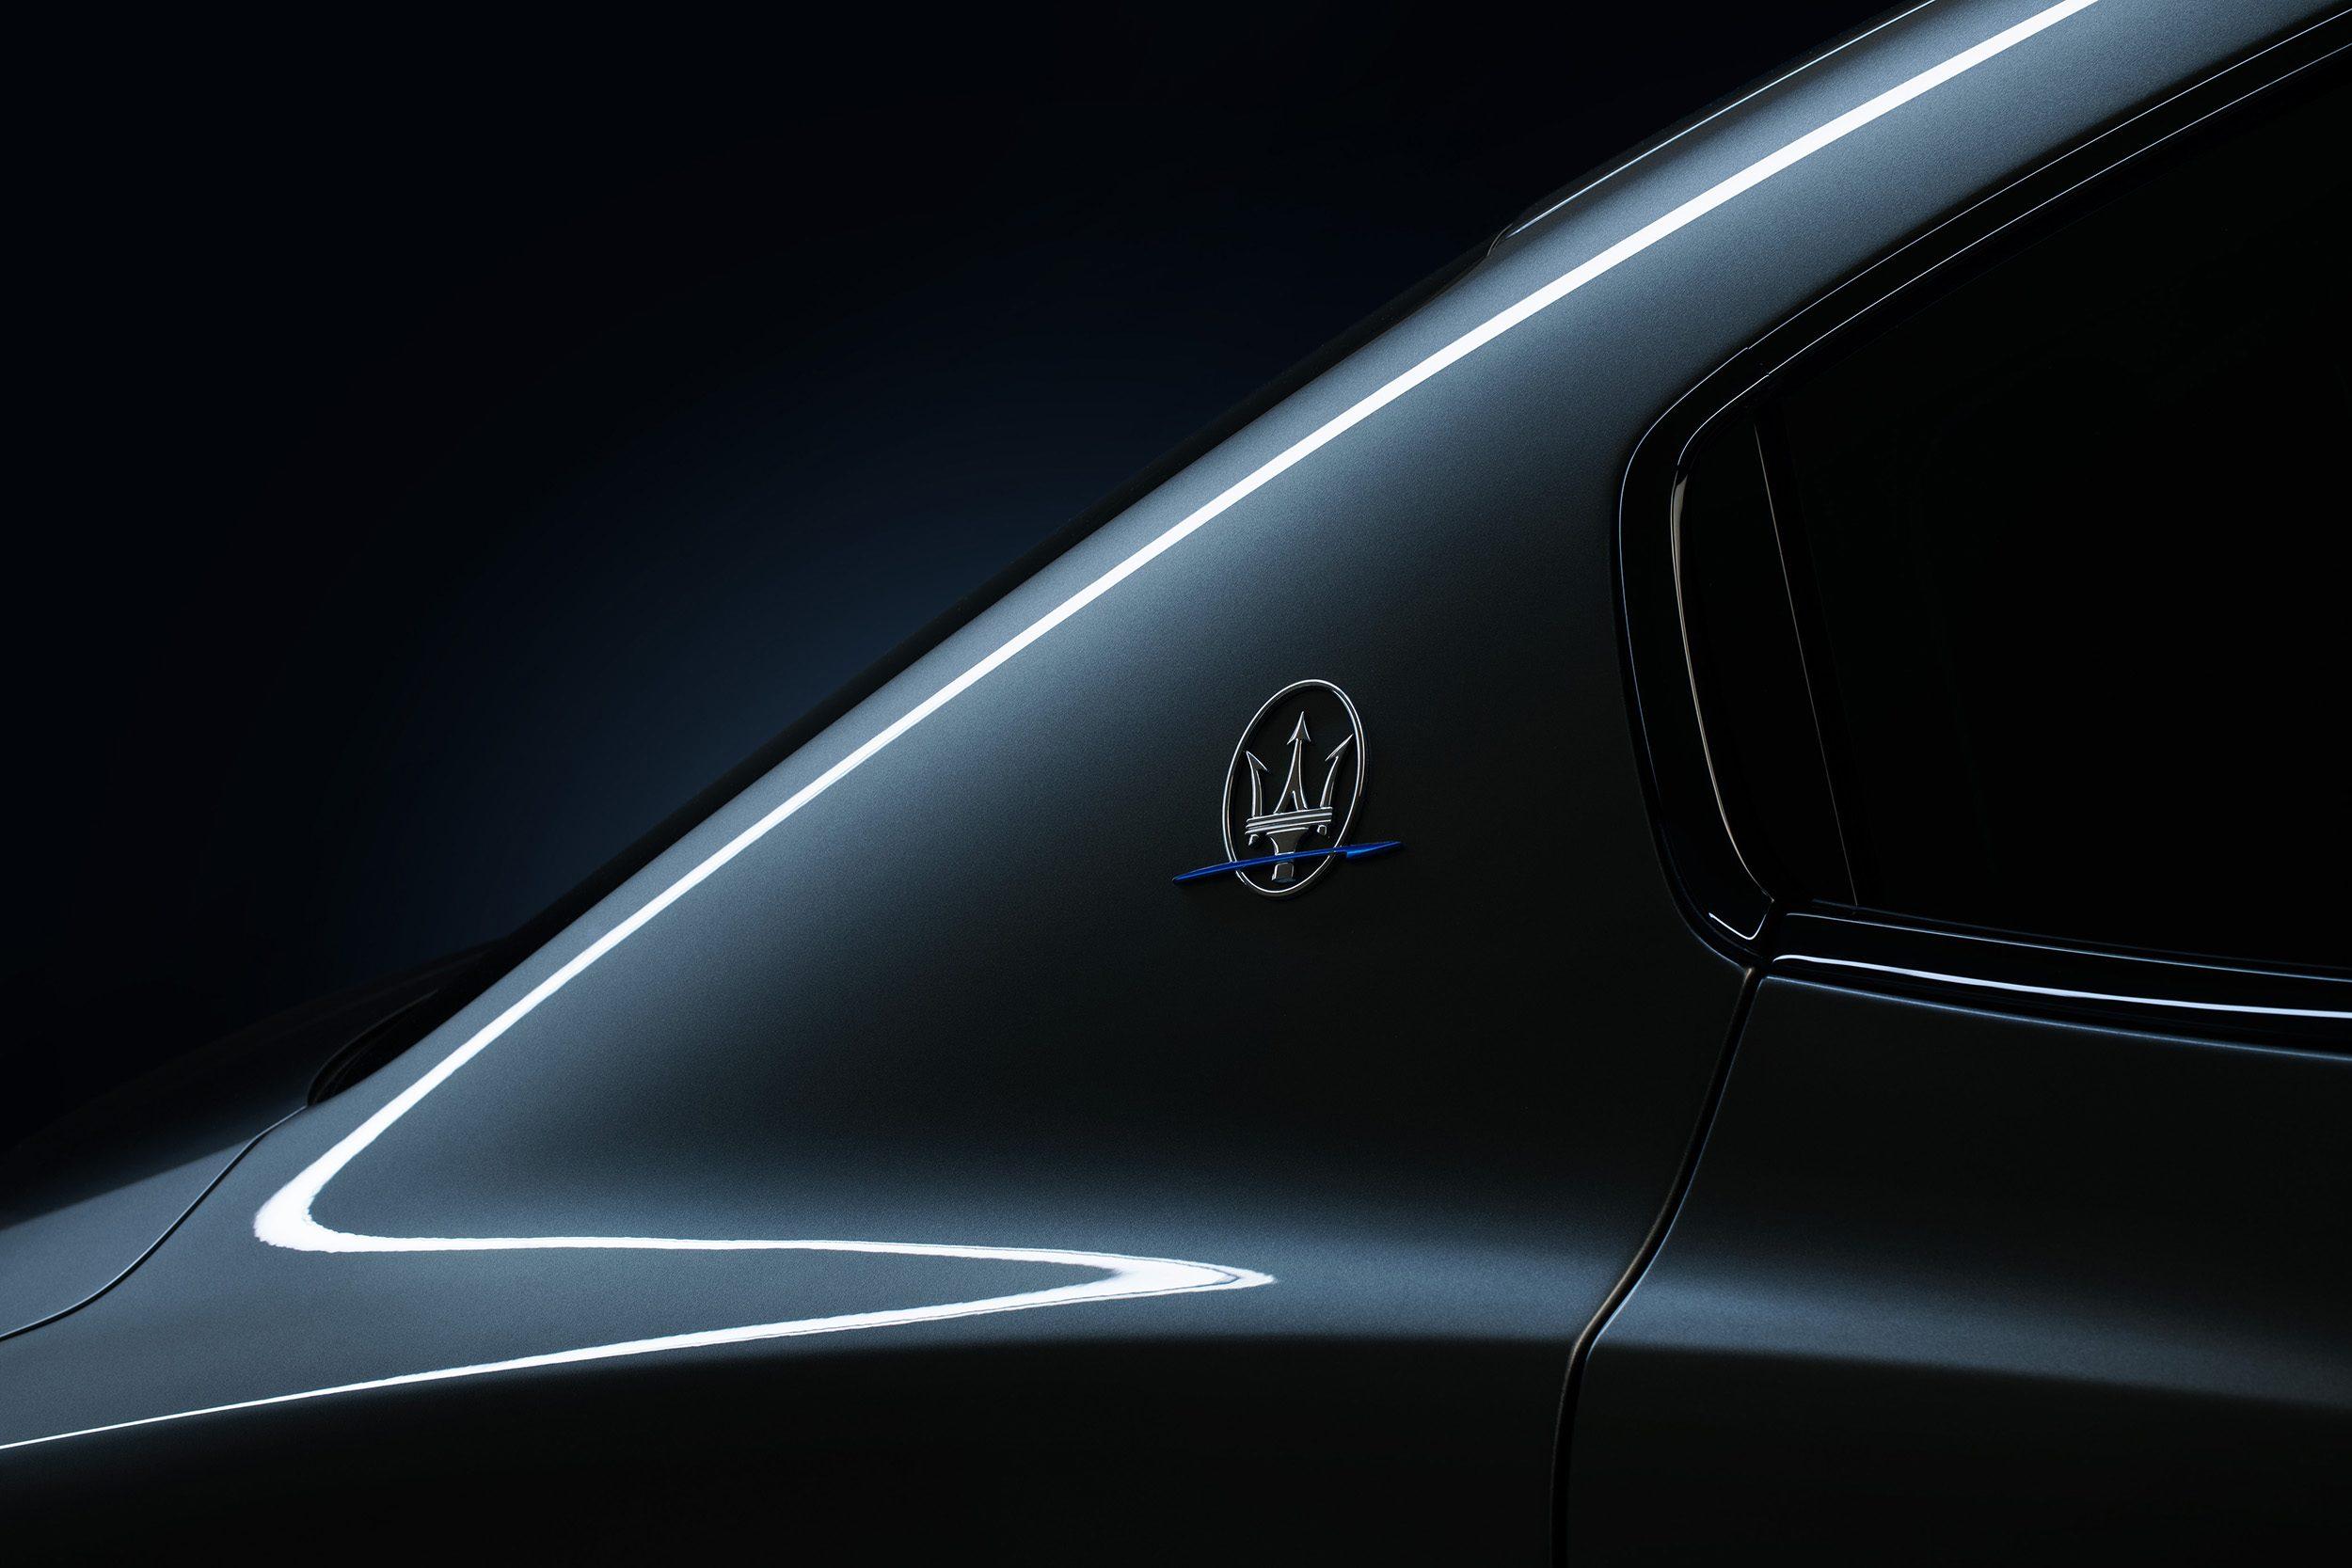 Het logo dat de C-stijl versiert, is bij de Hybrid uitgevoerd met een blauwe bliksemschicht